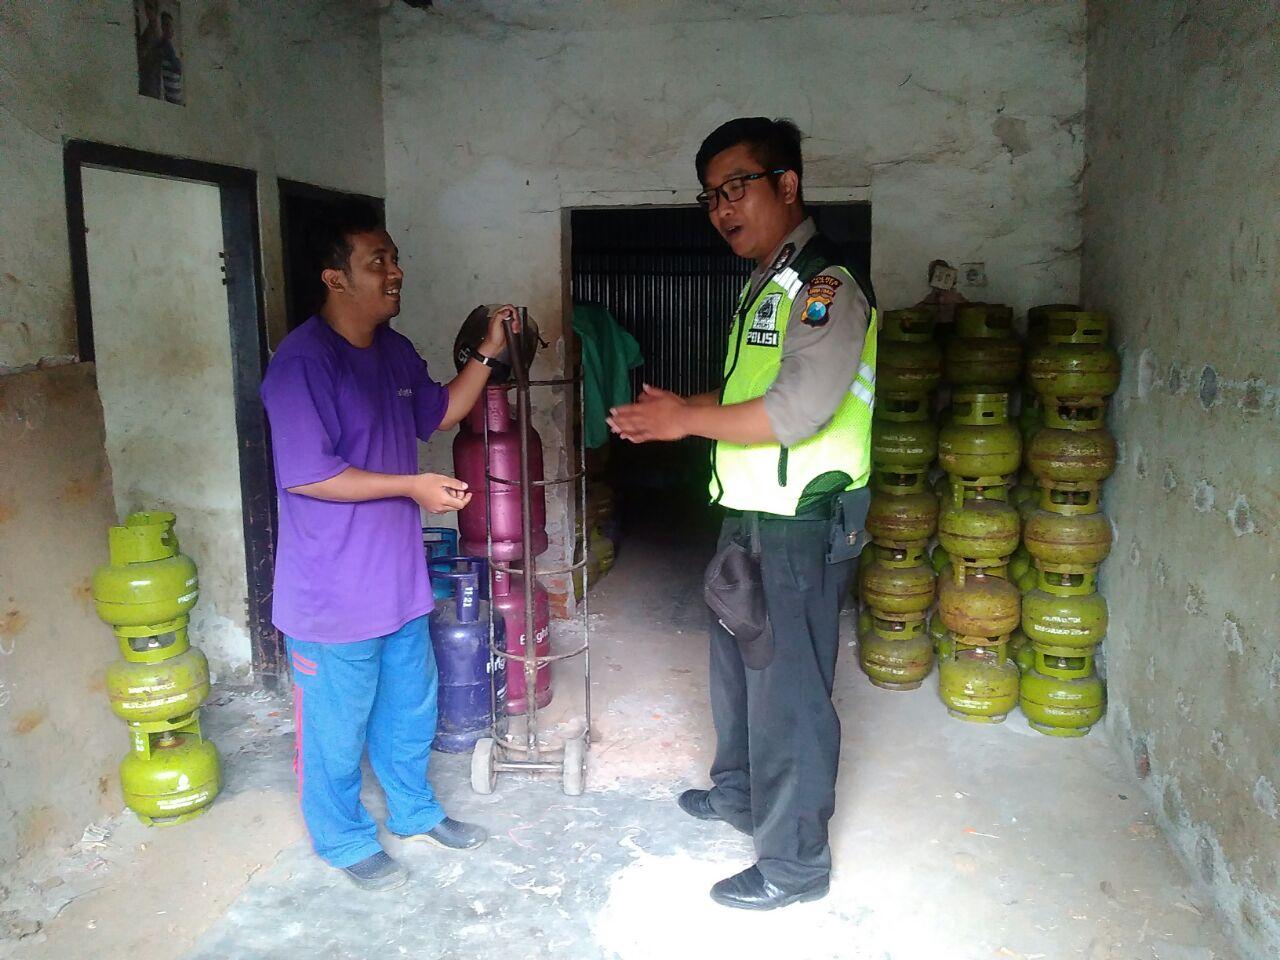 Kemitraan Dengan masyarakat Penyalur Elpiji 12 kg Mitra Bhabin Polsek Batu Polres Batu